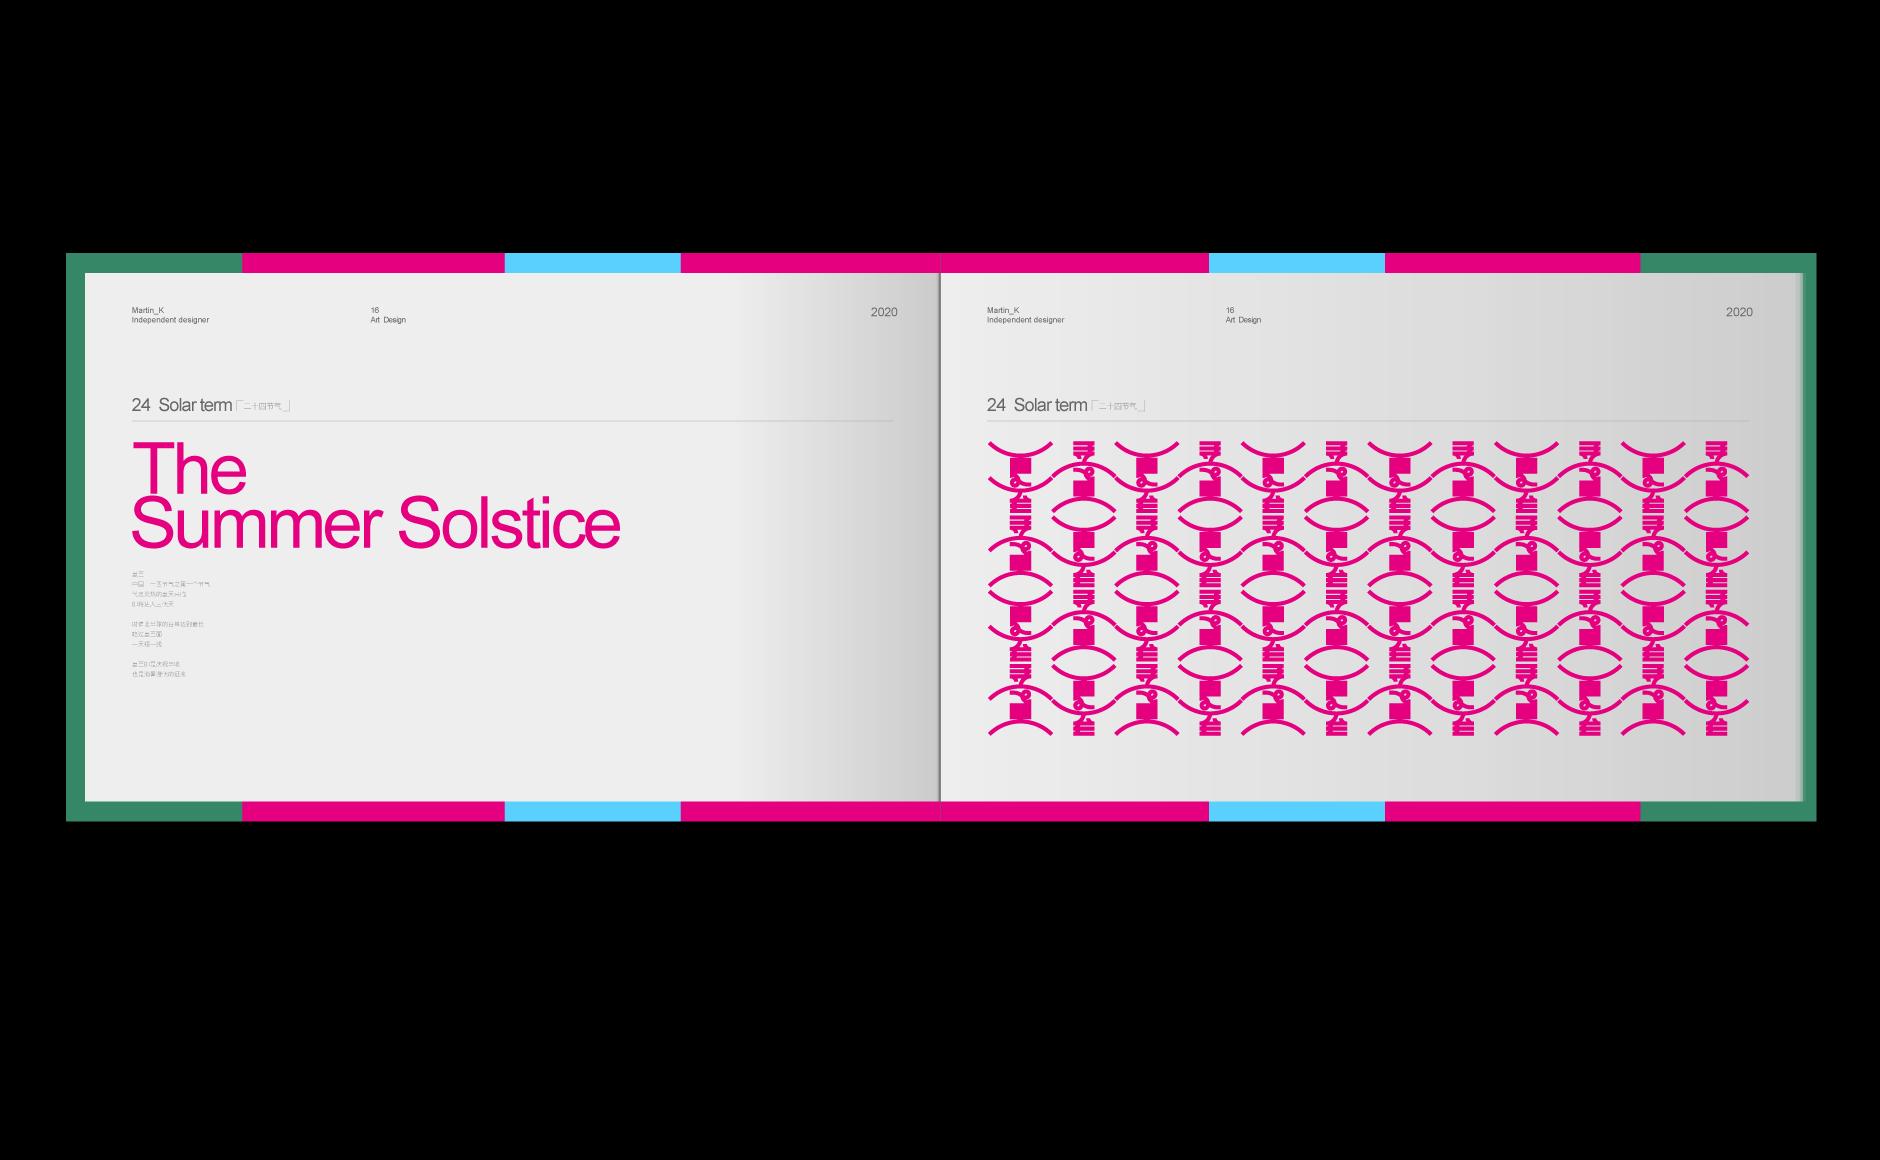 如何用版式高效提升你的商业设计稿